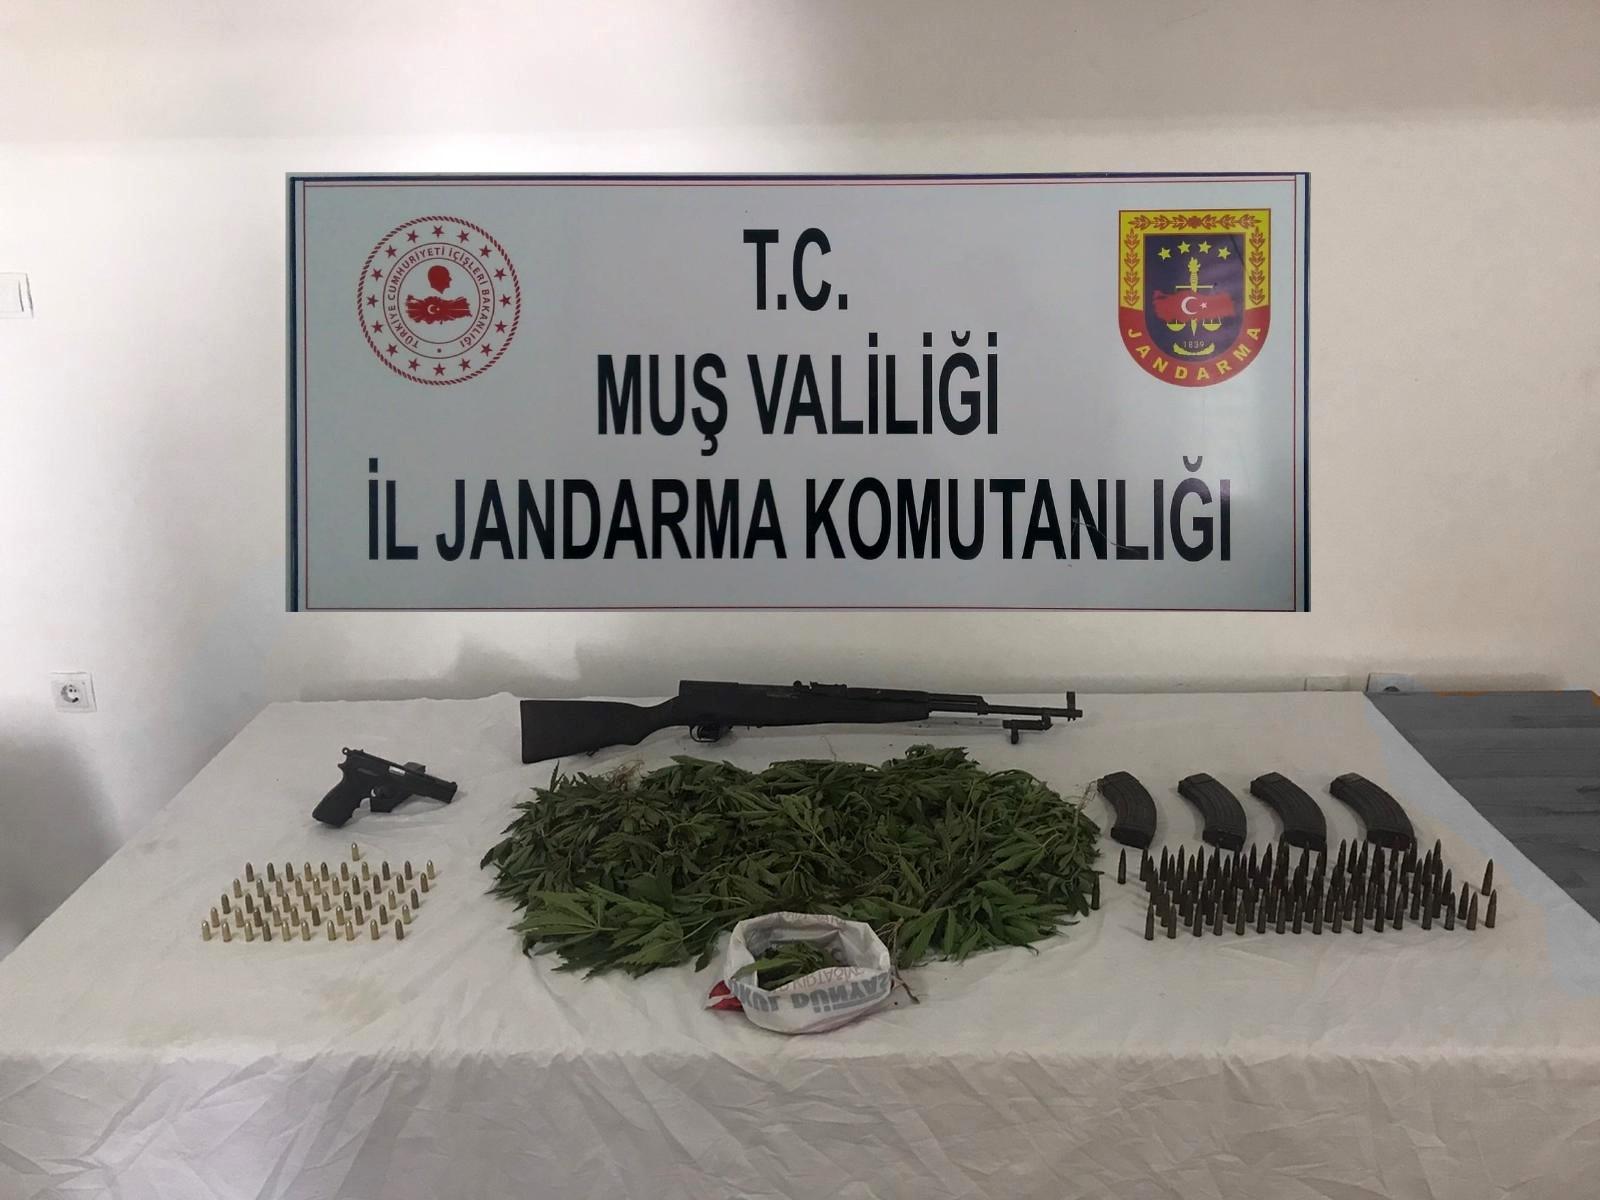 Muş'ta uyuşturucu ve silah kaçakçılığı operasyonu: 5 gözaltı